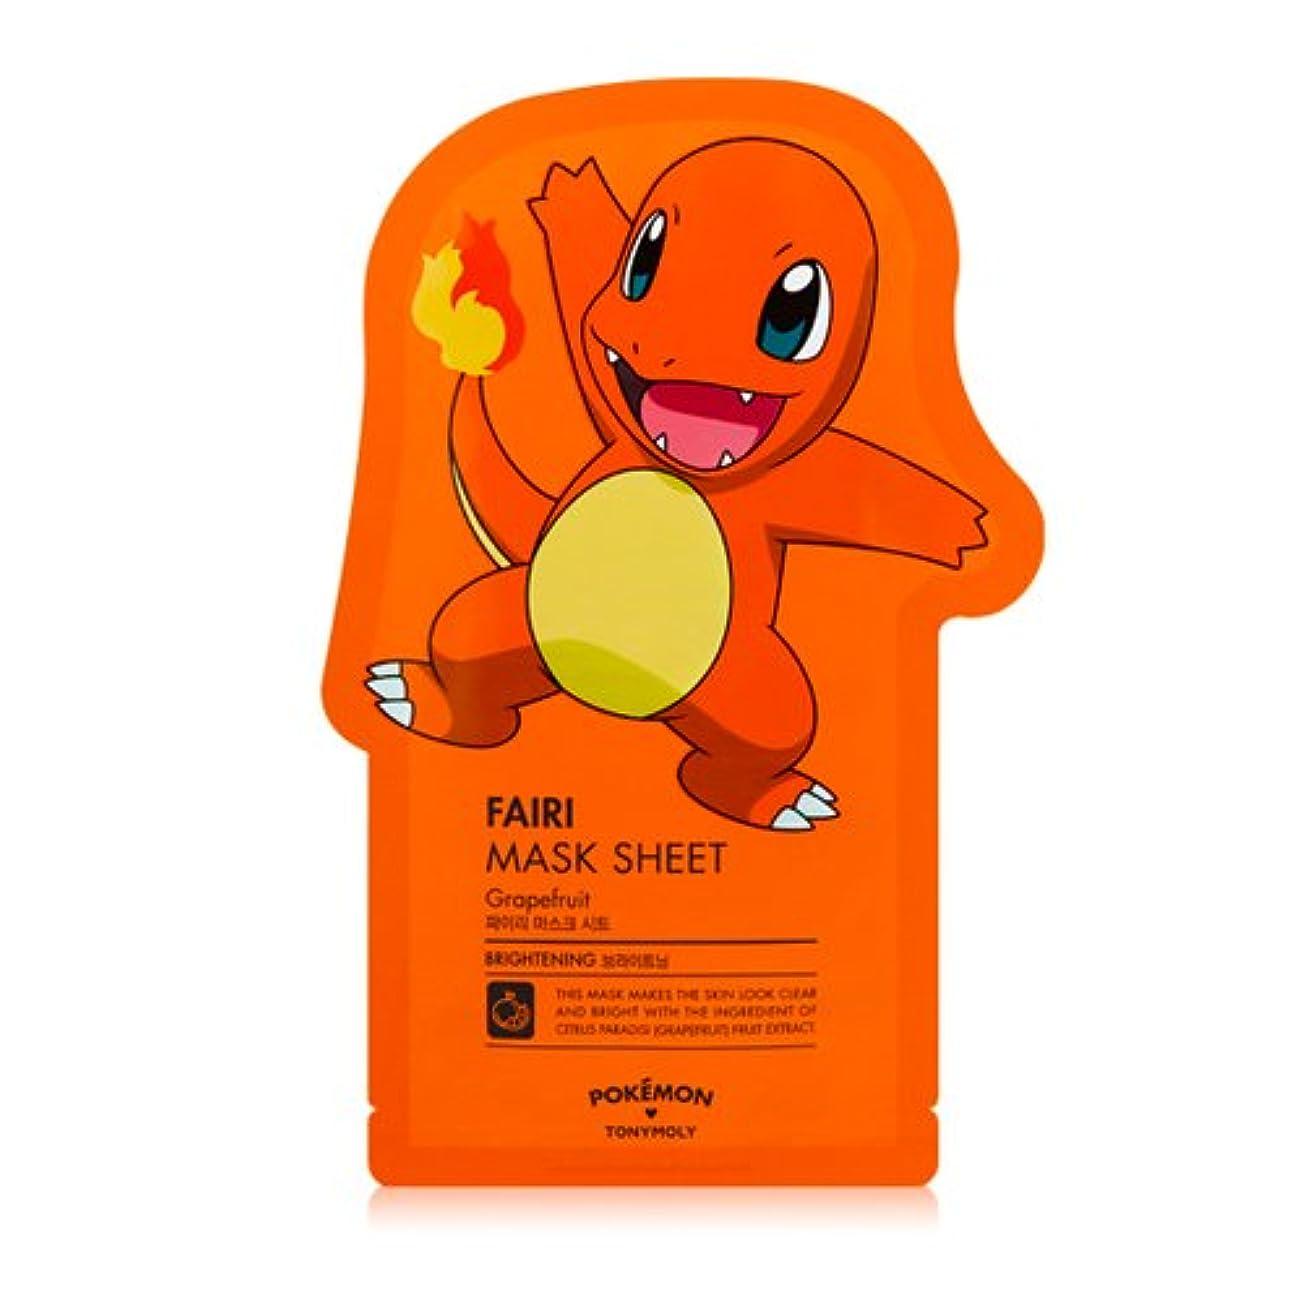 ブル放課後イブニングTONYMOLY x Pokemon Charmander/Fairi Mask Sheet (並行輸入品)